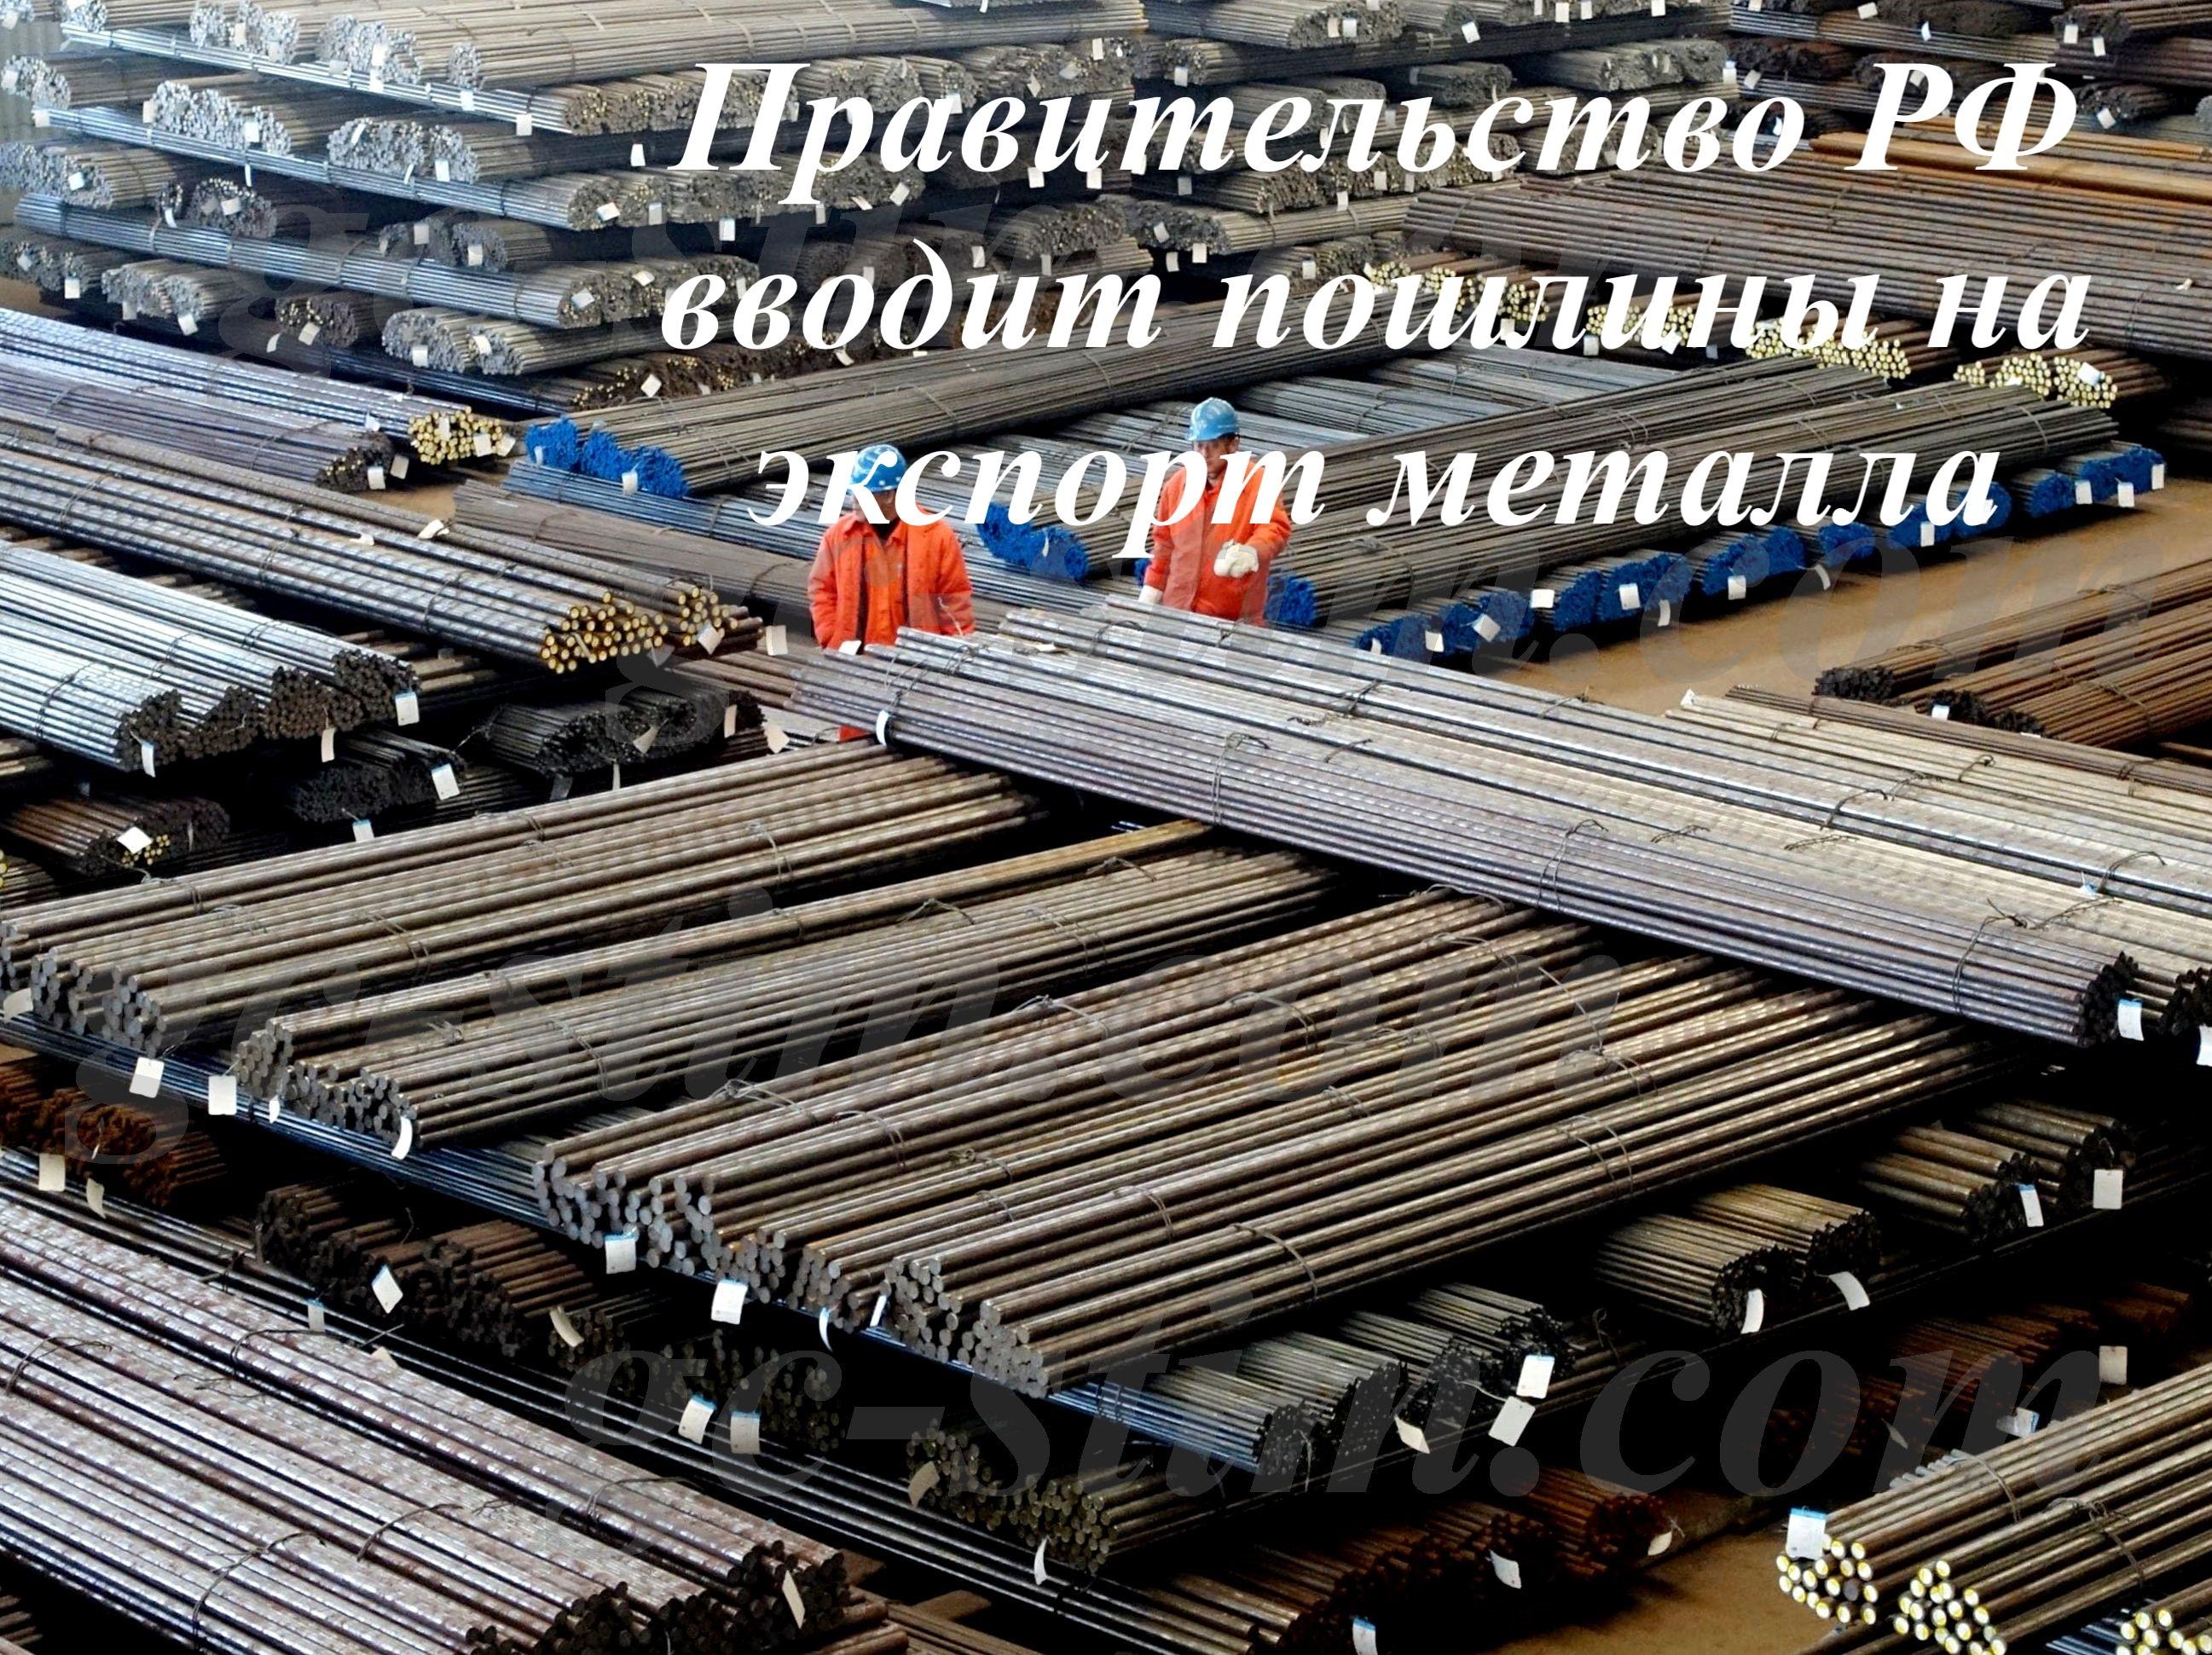 Правительство РФ вводит пошлины на экспорт металла